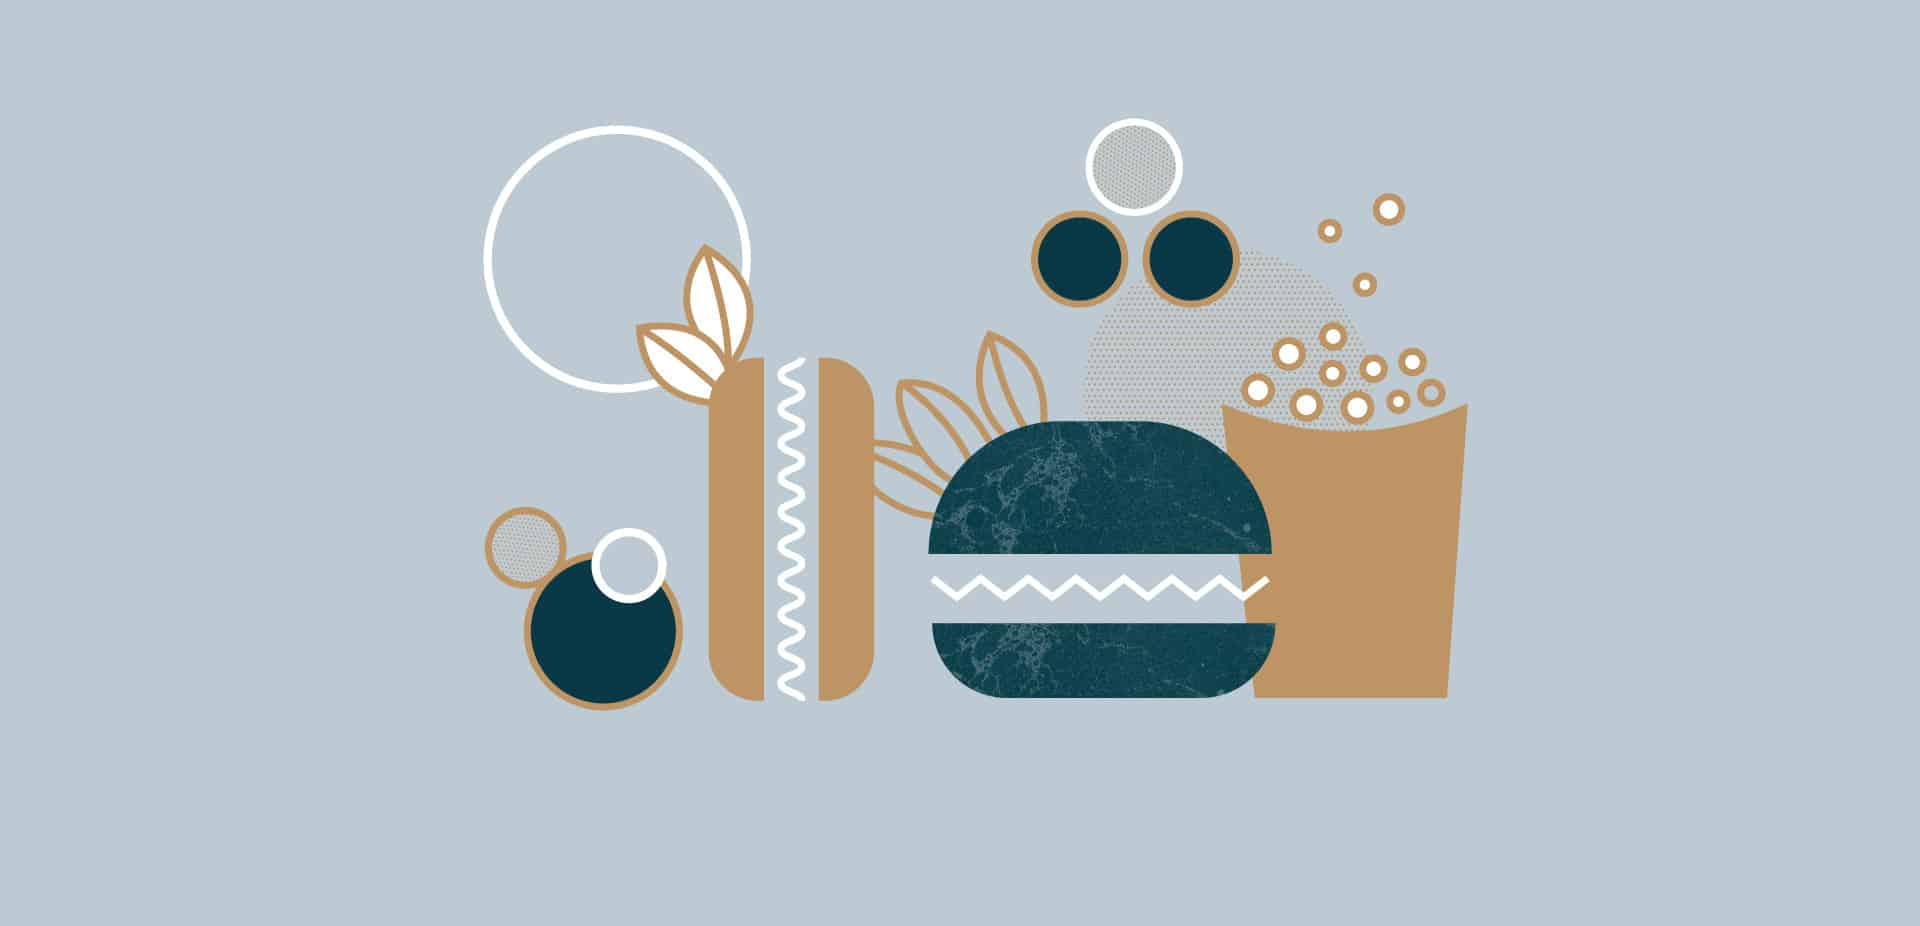 Hamburger z owadów i hot dog ze spiruliny, czyli o fast foodzie przyszłości